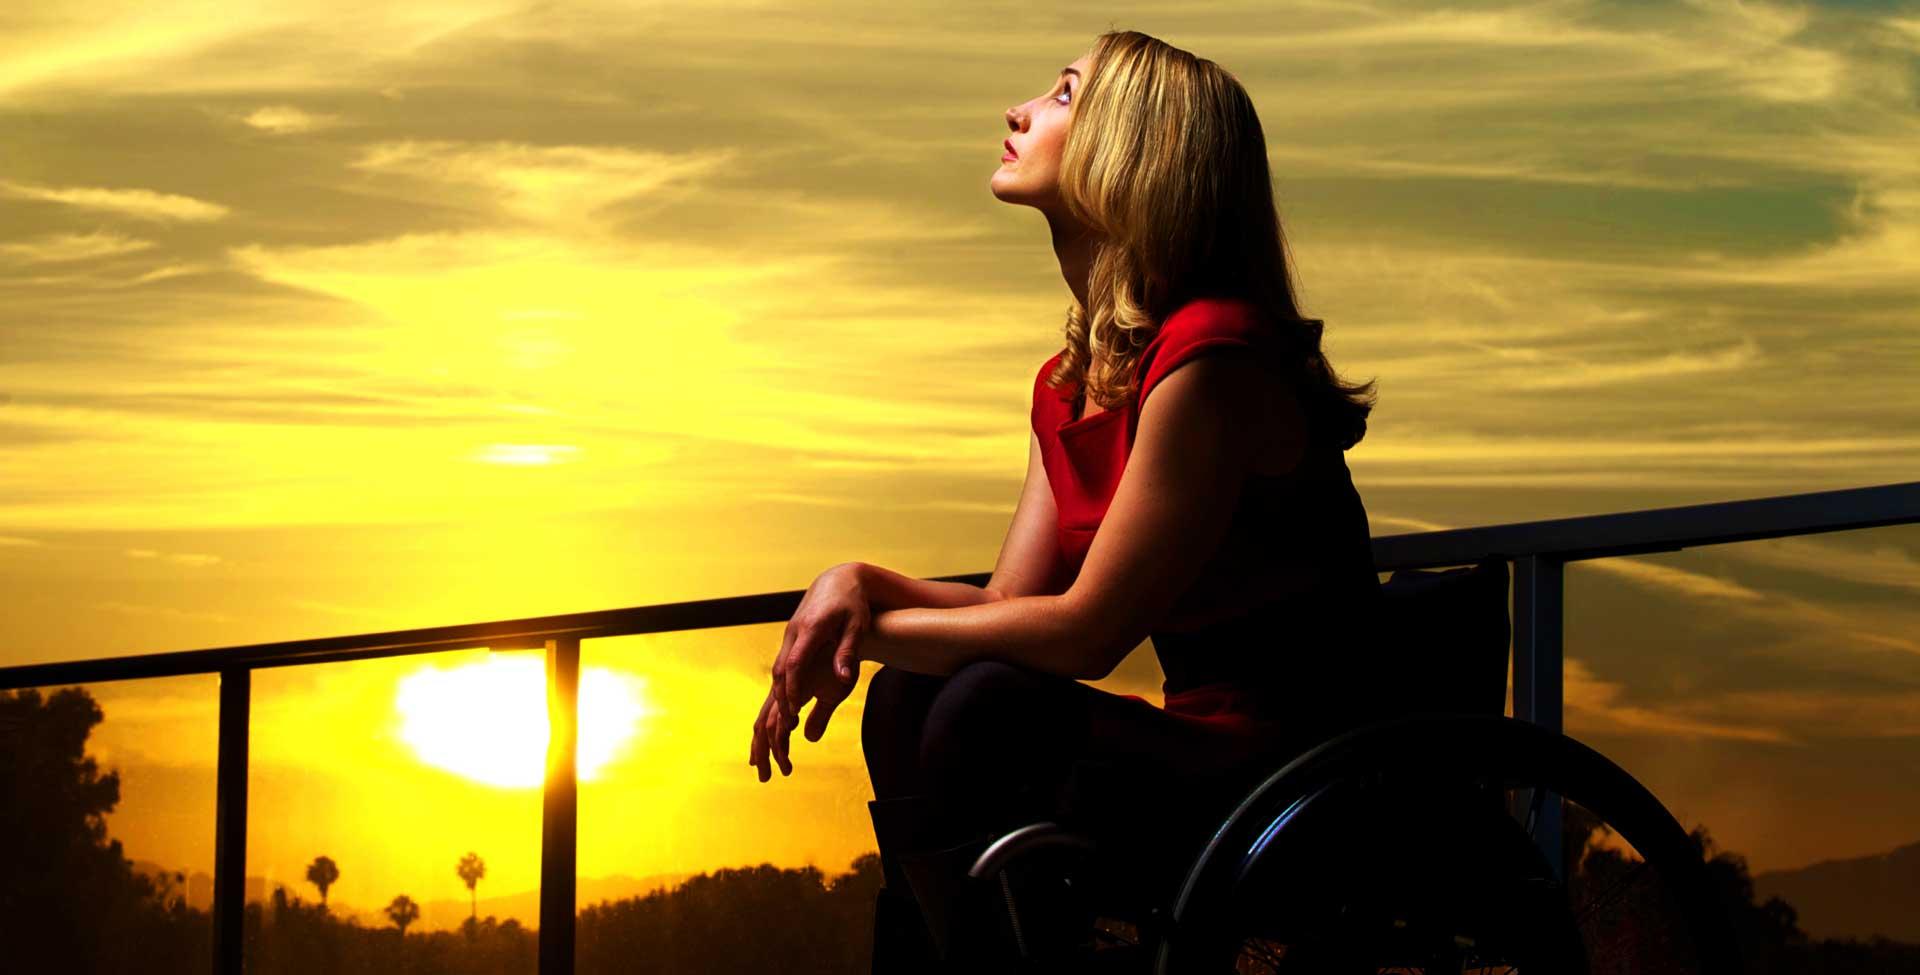 Teal Sherer: Award Winning Paralyzed Actress